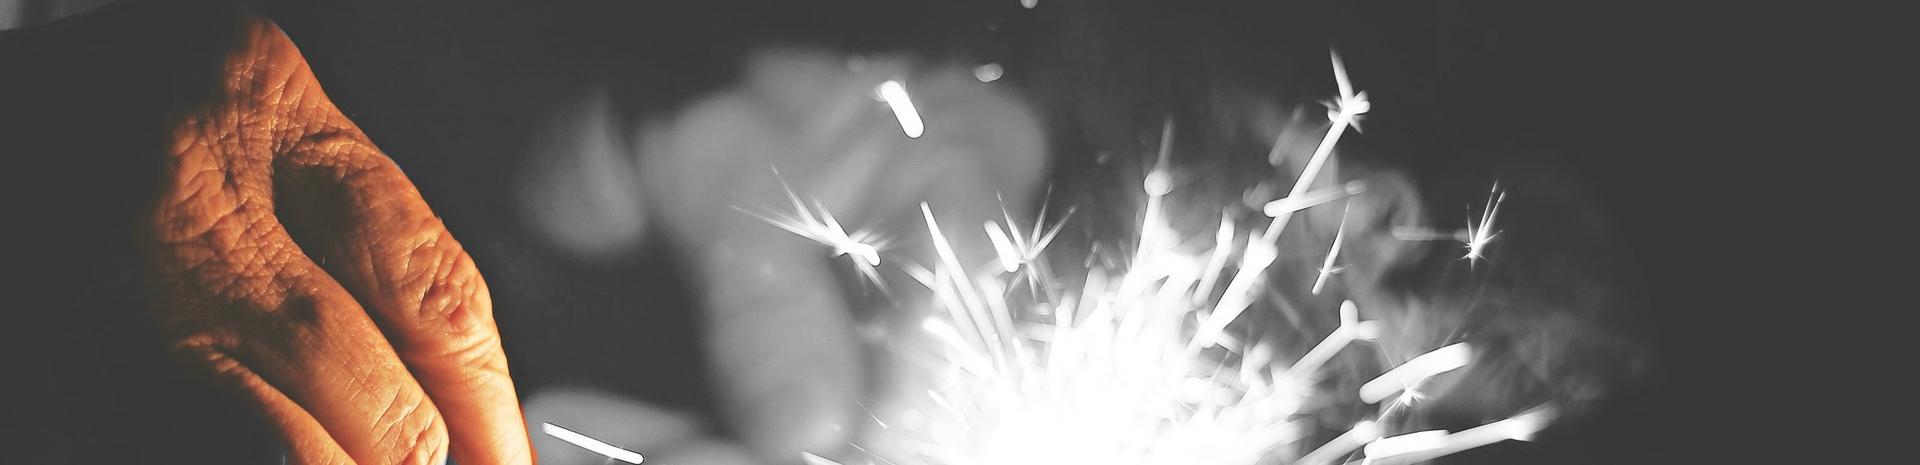 Aantal vuurwerkslachtoffers neemt dit jaar weer toe | LetselPro